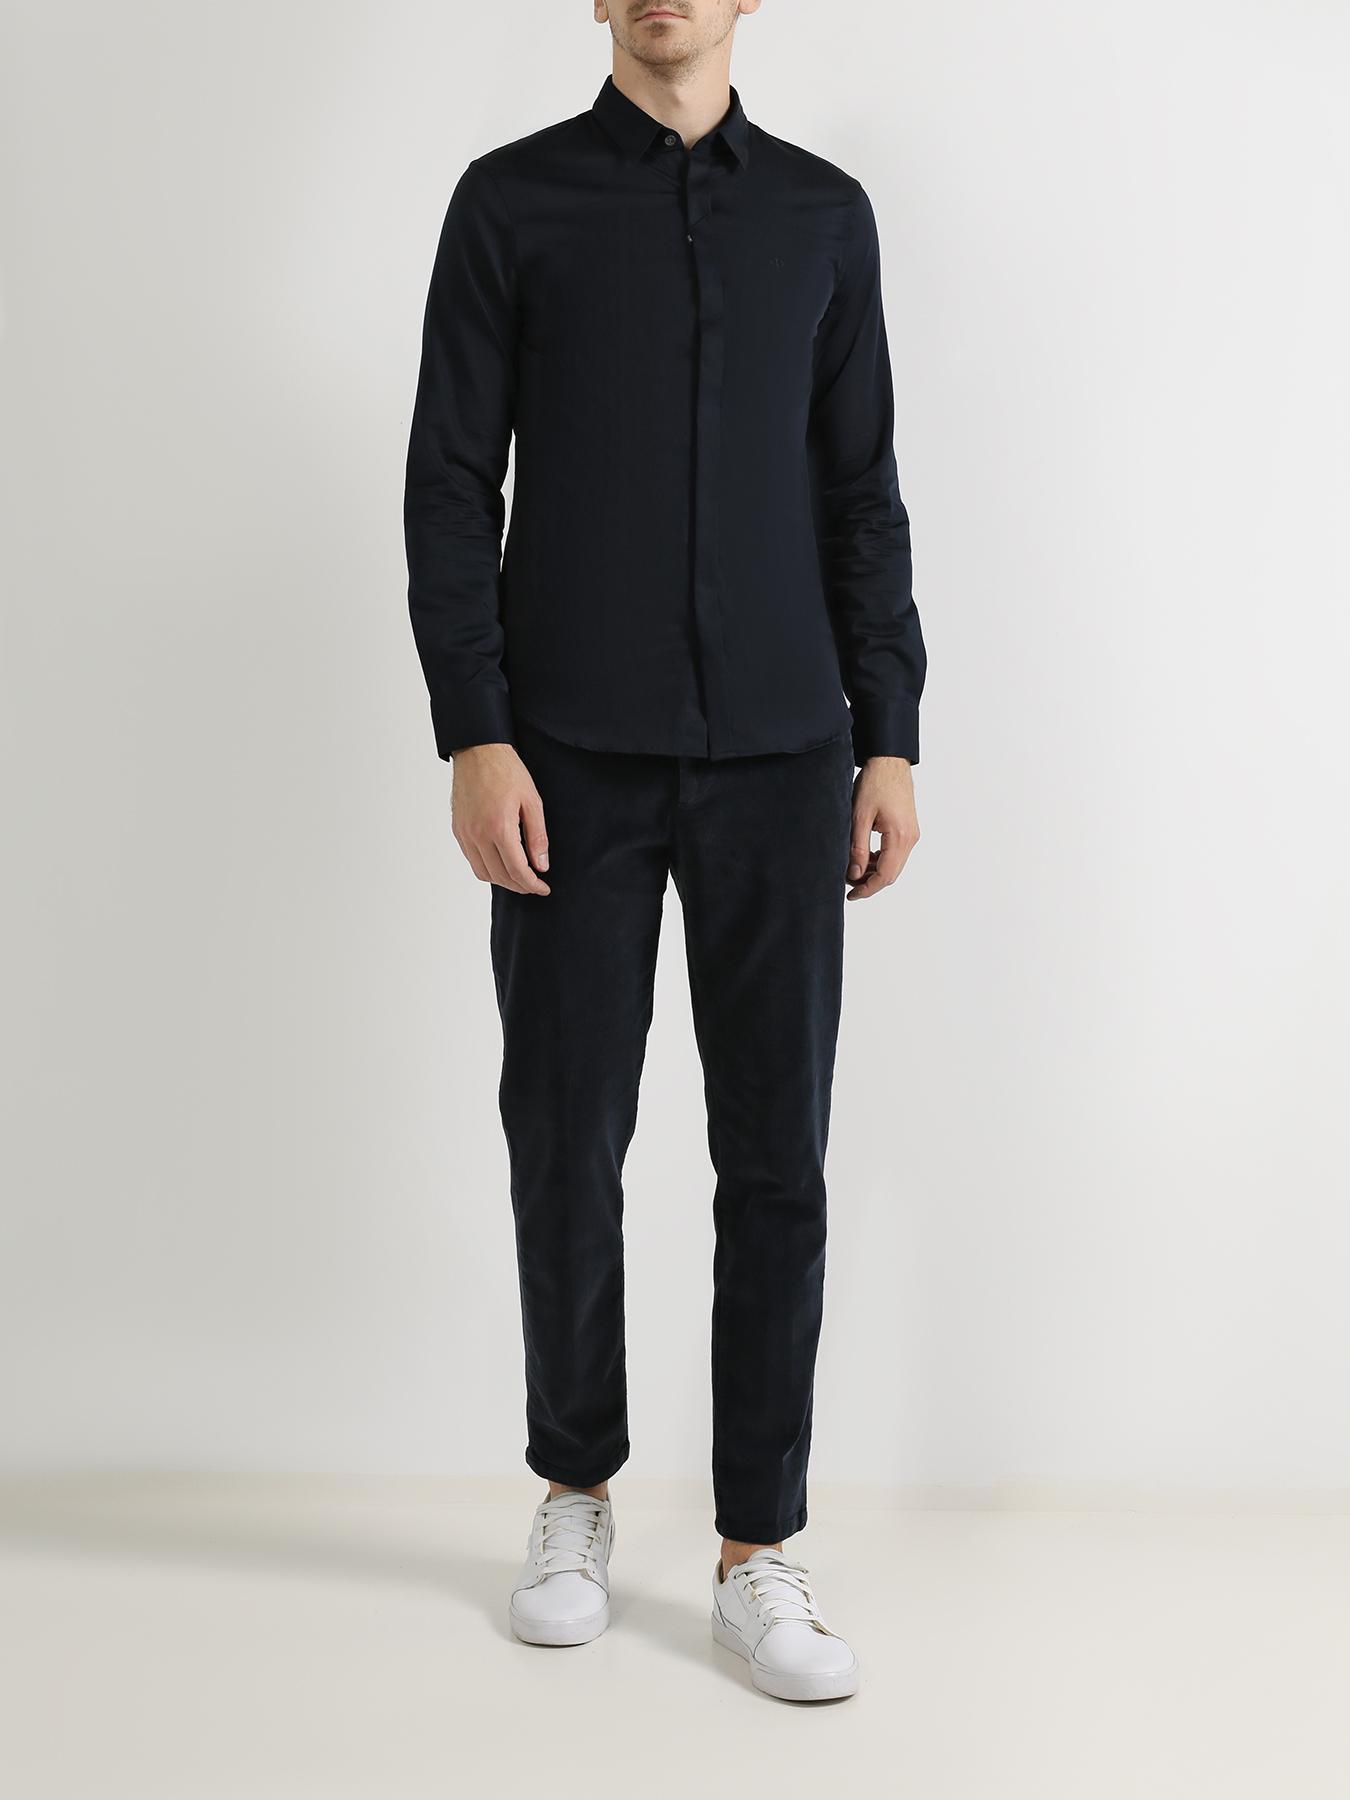 Брюки Armani Exchange Мужские брюки